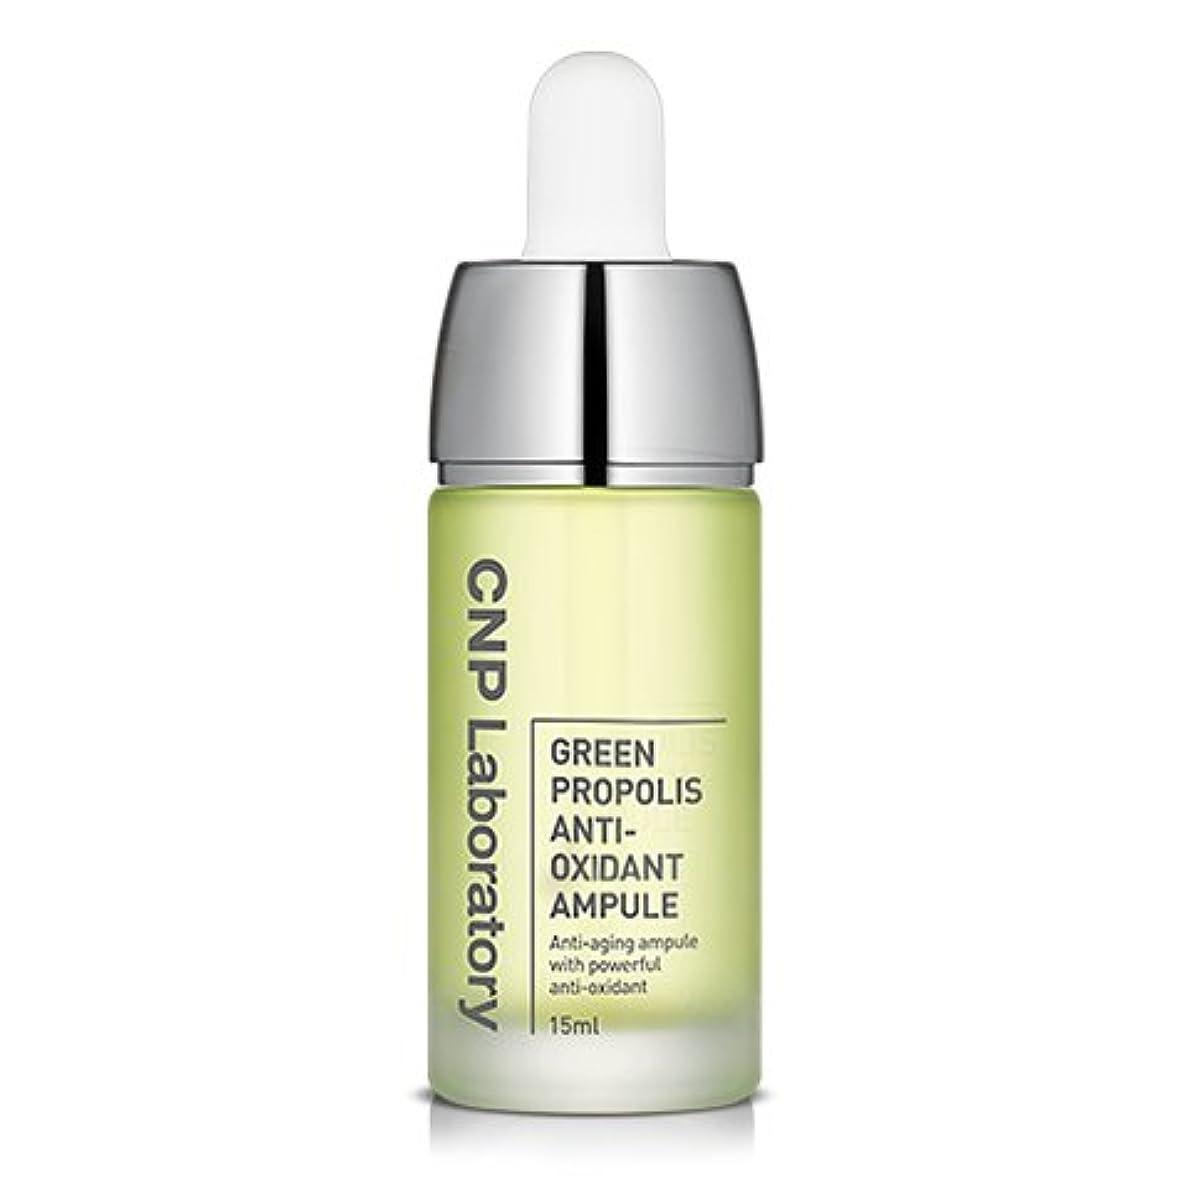 雇うに応じて光のCNP Laboratory グリーンプロポリス酸化防止剤アンプル/Green Propolis Anti-Oxidant Ampule 15ml [並行輸入品]